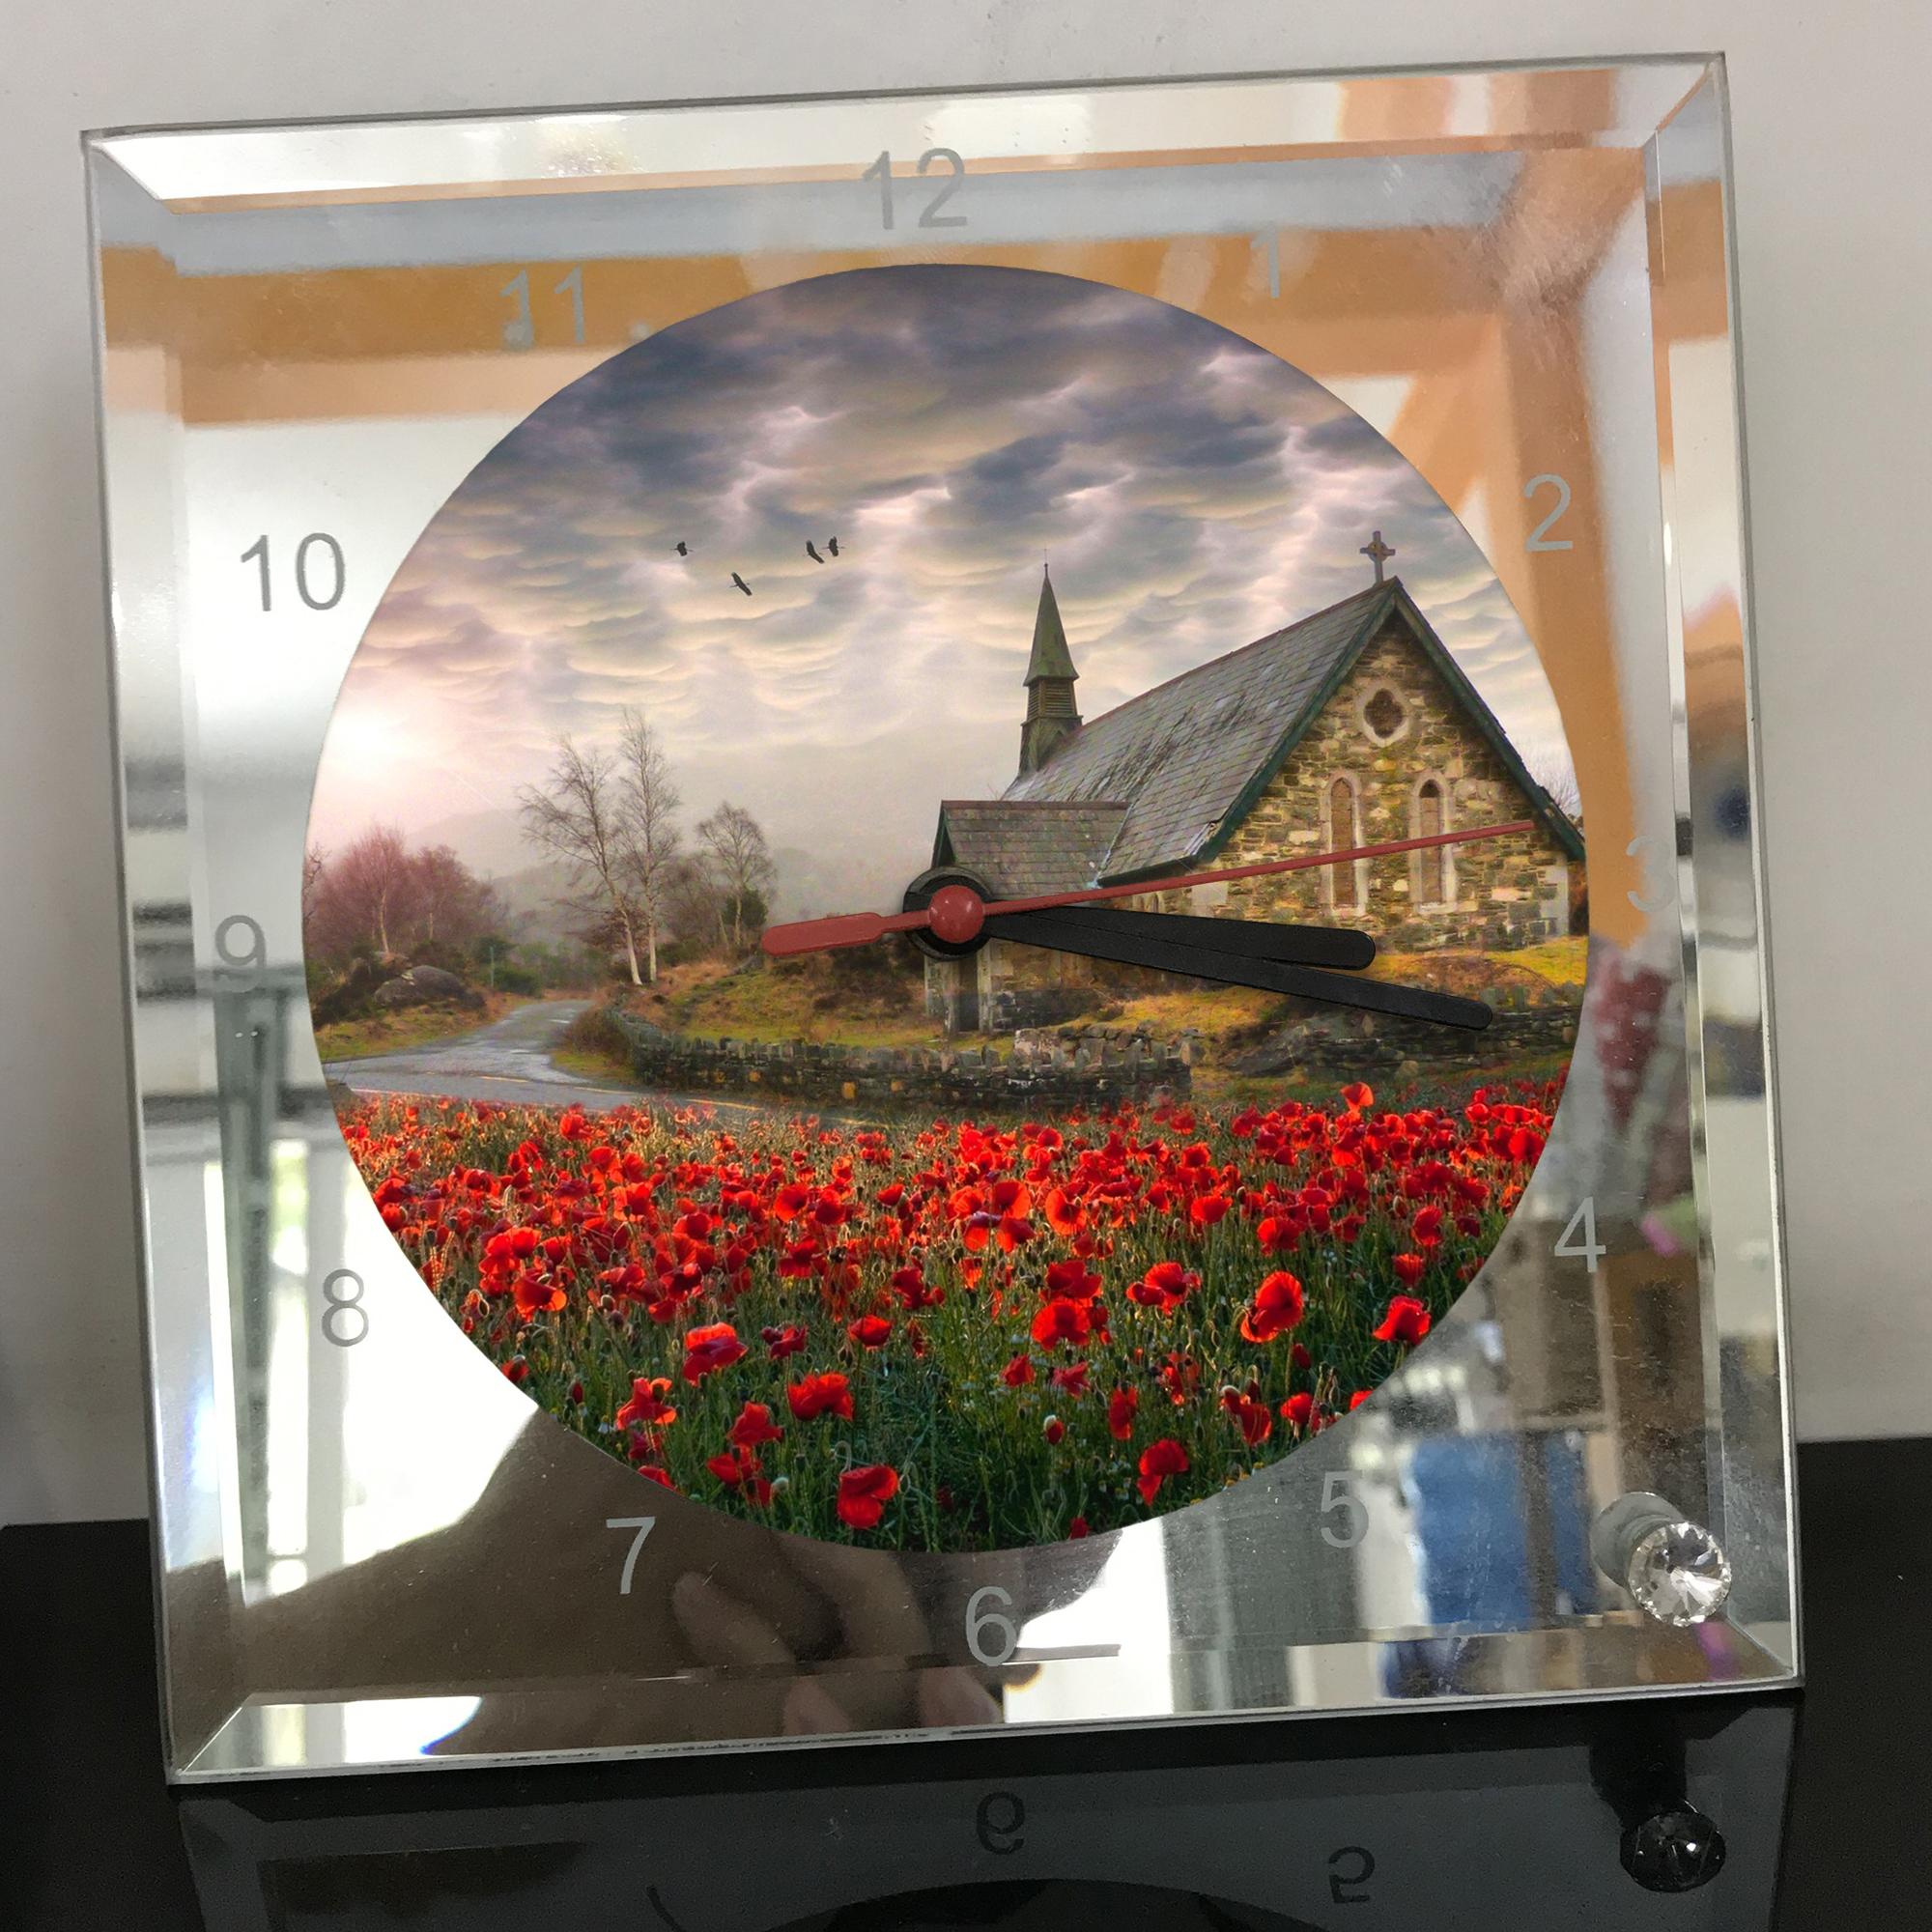 Đồng hồ thủy tinh vuông 20x20 in hình Church - nhà thờ (27) . Đồng hồ thủy tinh để bàn trang trí đẹp chủ đề tôn giáo